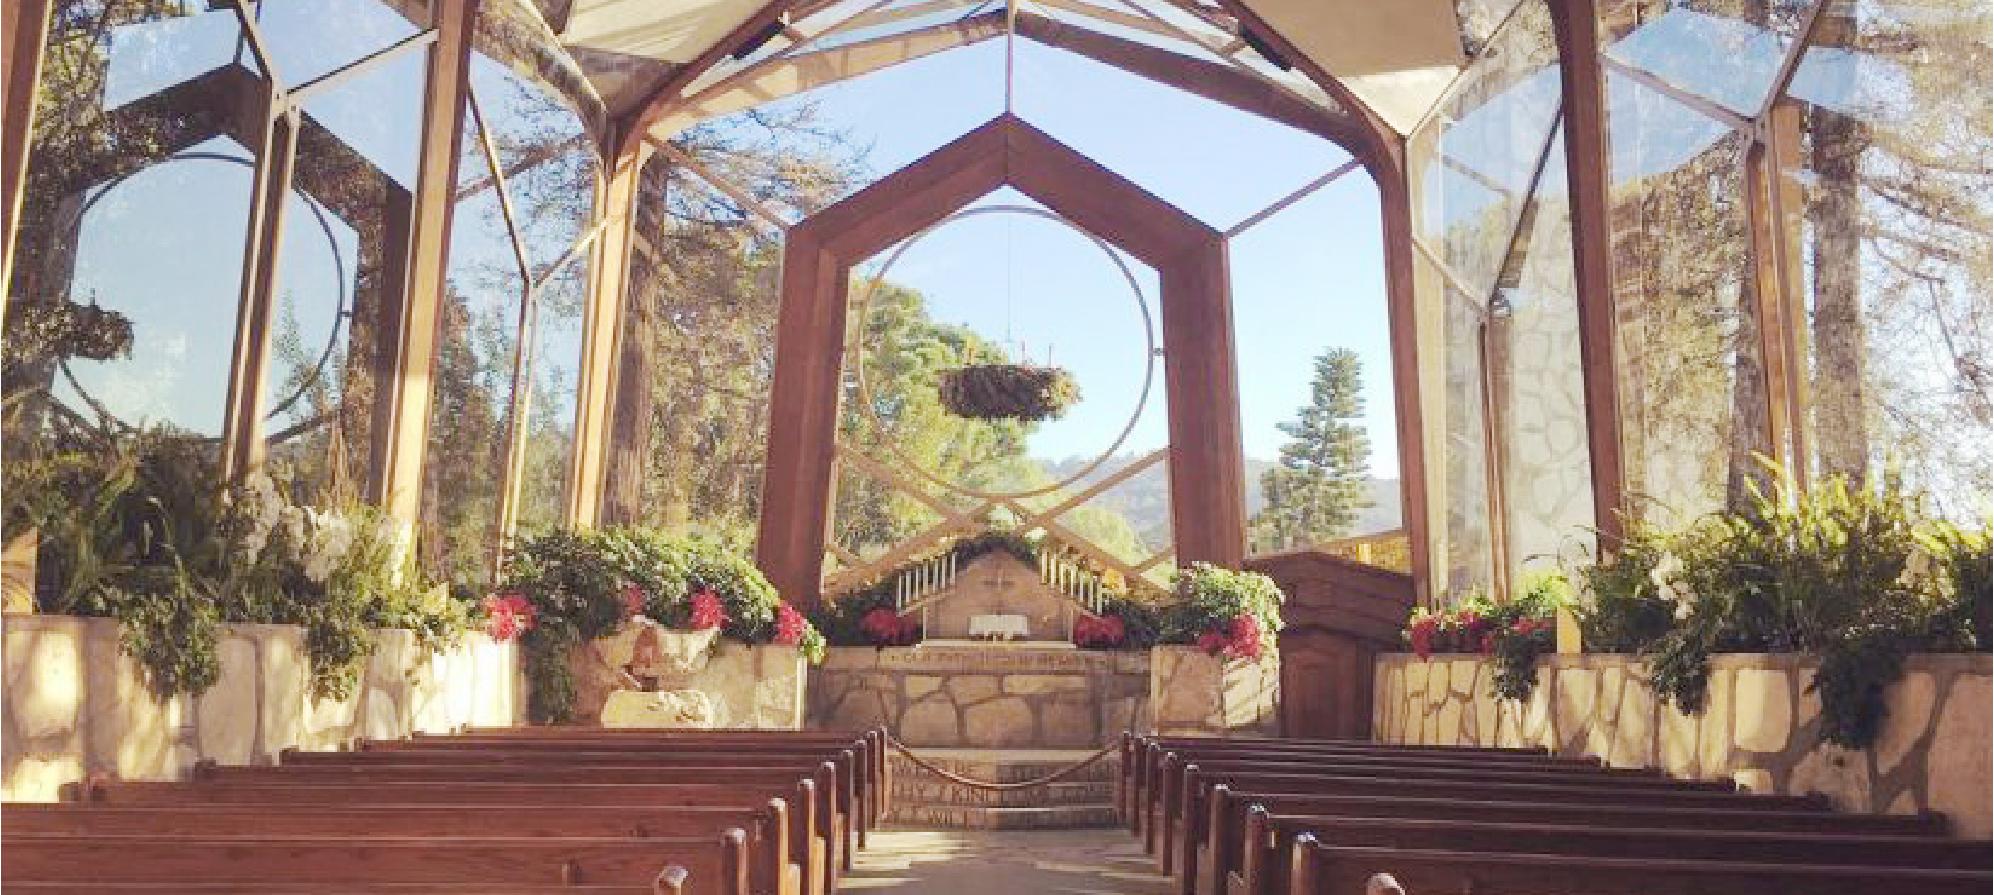 夢中的婚禮:3 個異國浪漫婚禮場地